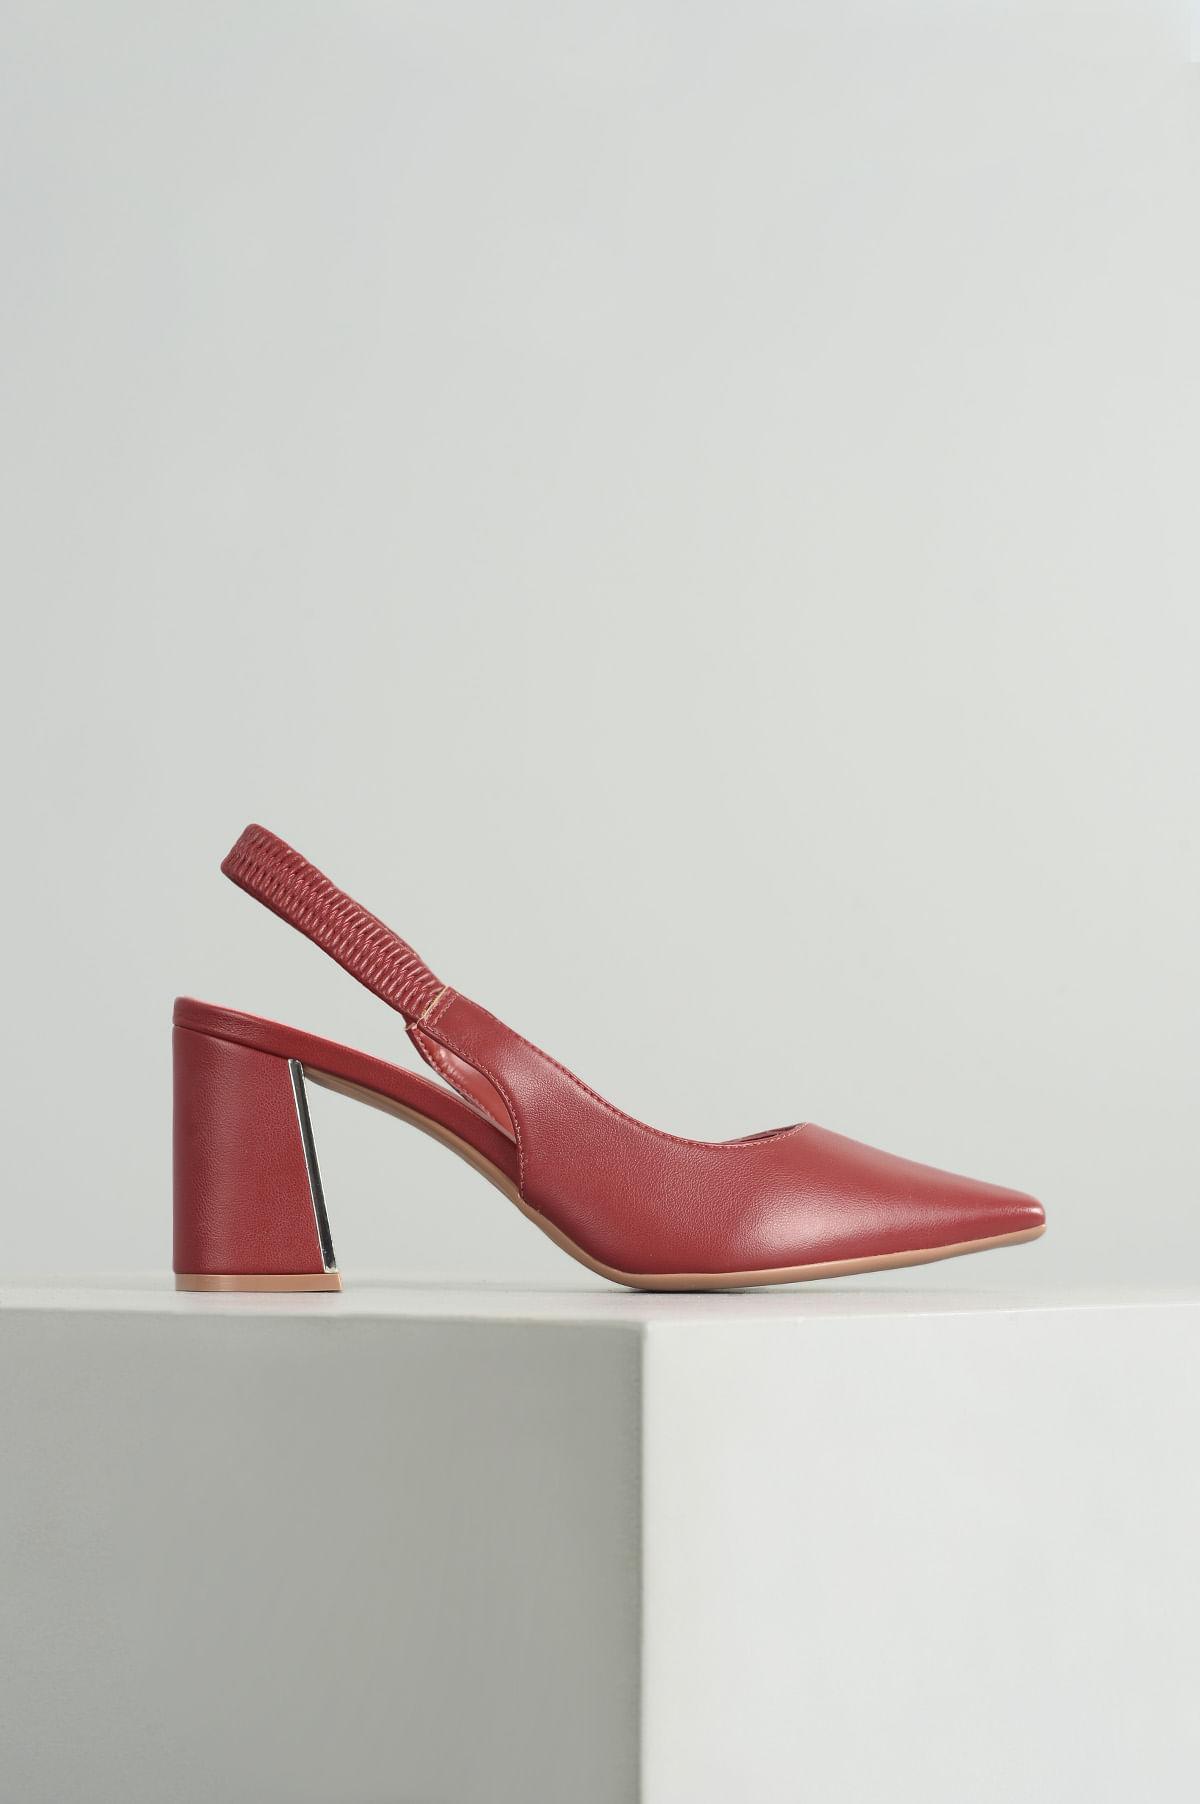 8a66483ca8 Sapato Salto Alto Claudia Mundial SINT - VERMELHO - Mundial Calçados